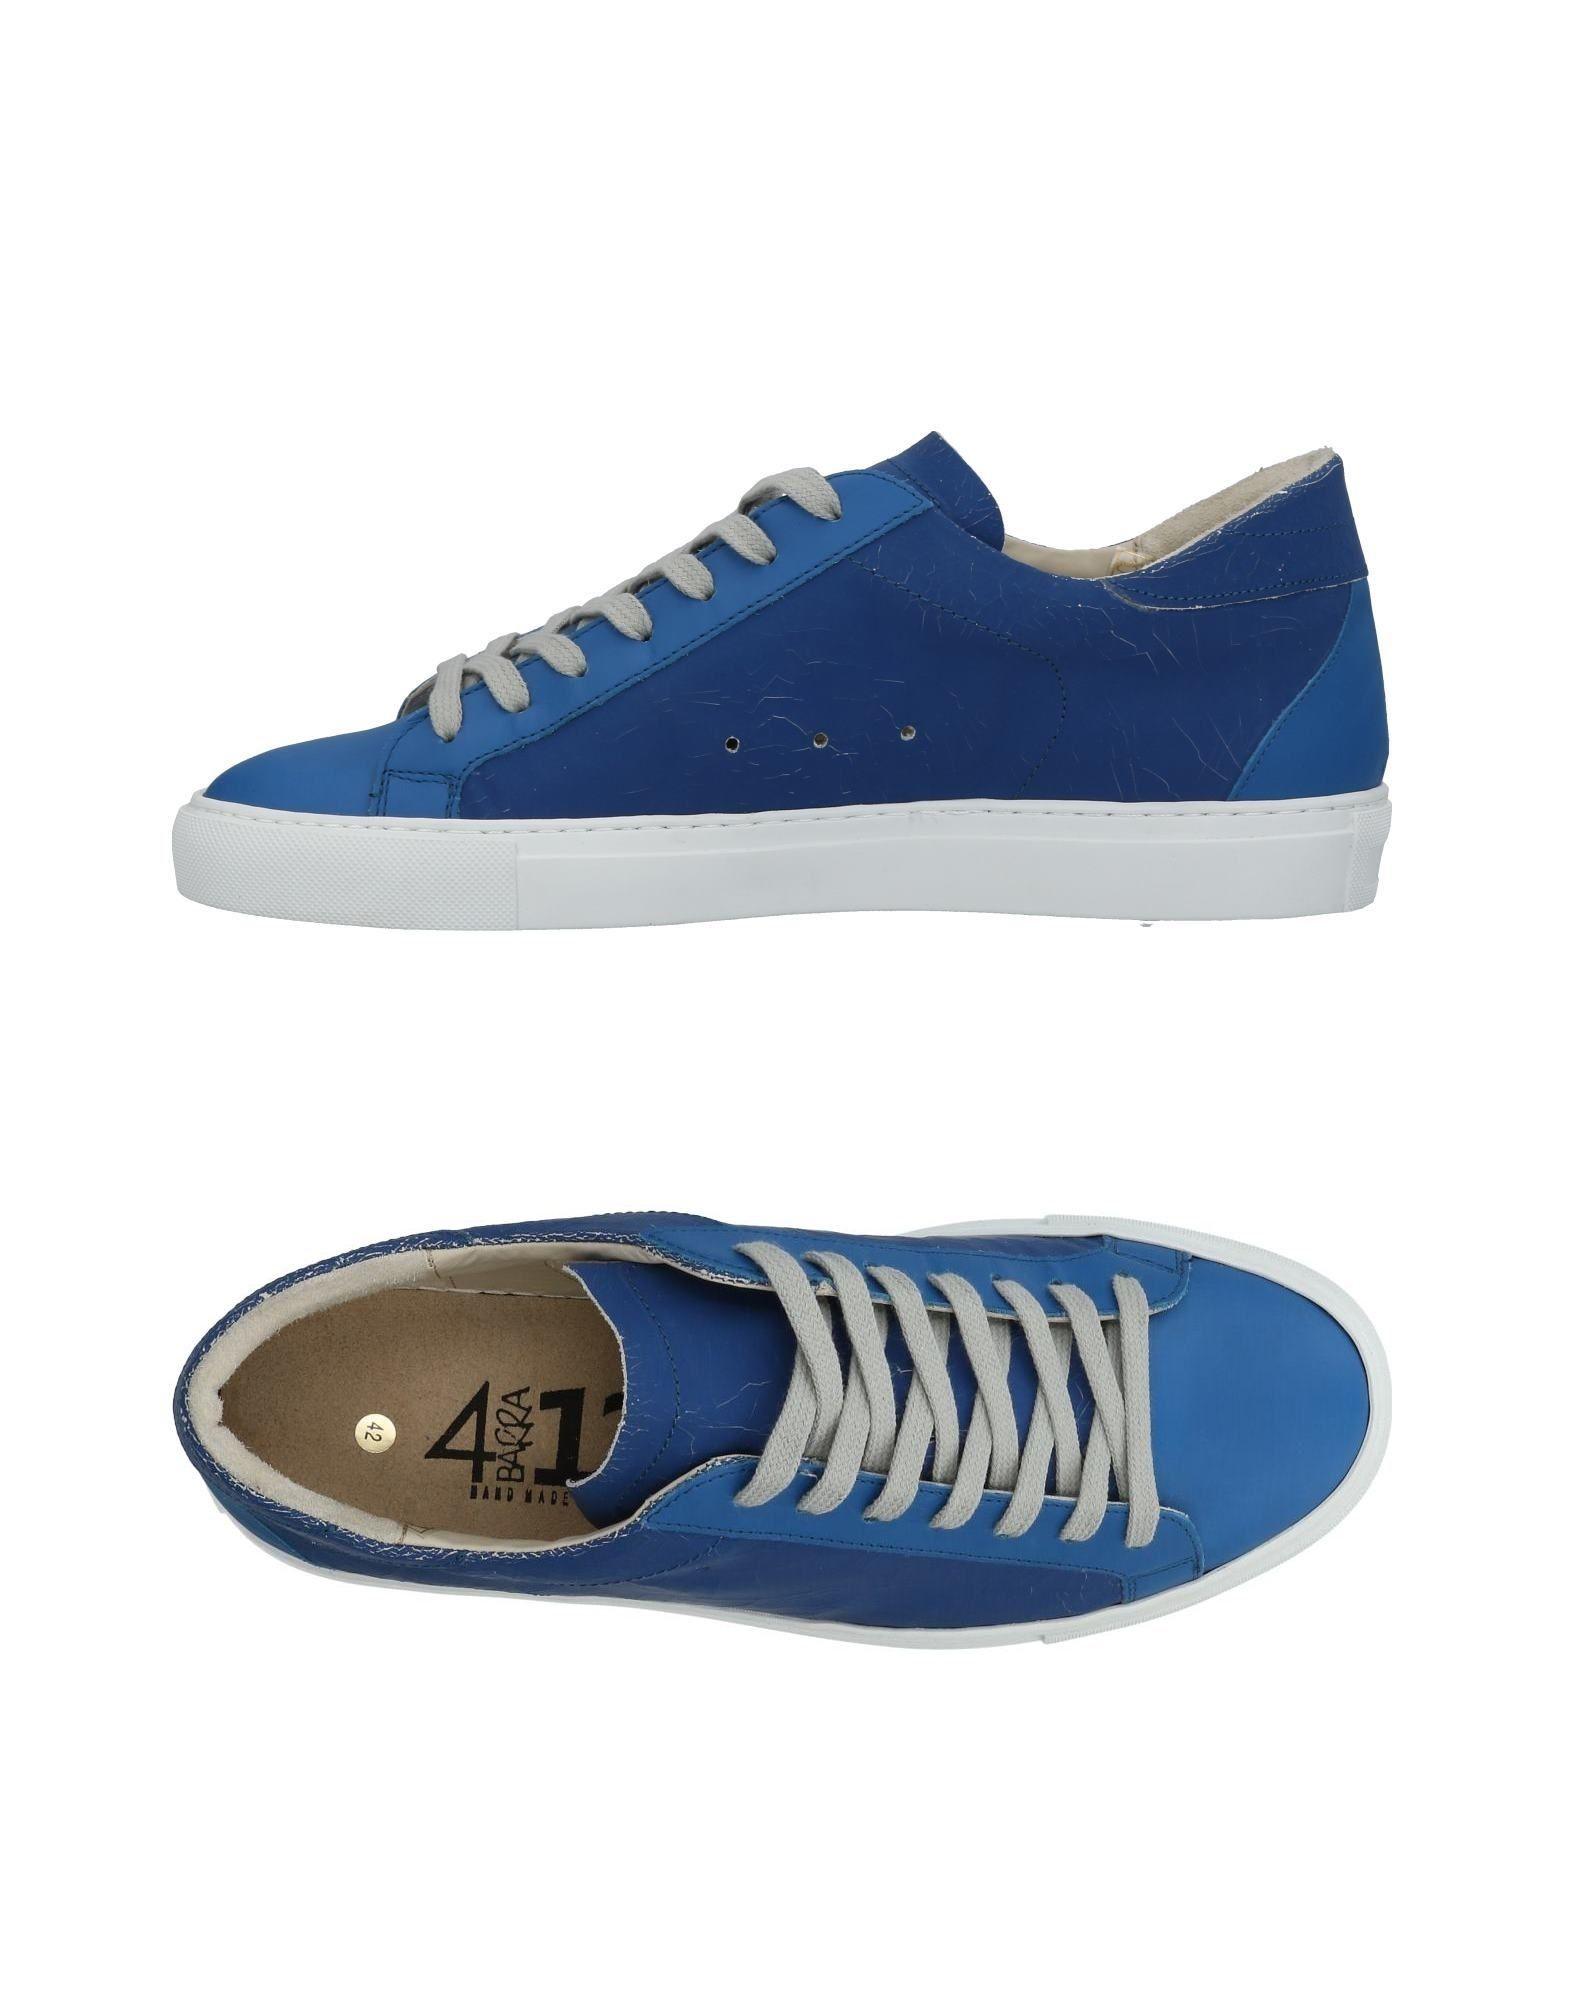 Rabatt echte Schuhe Herren Quattrobarradodici Sneakers Herren Schuhe  11459012WW c6f00d